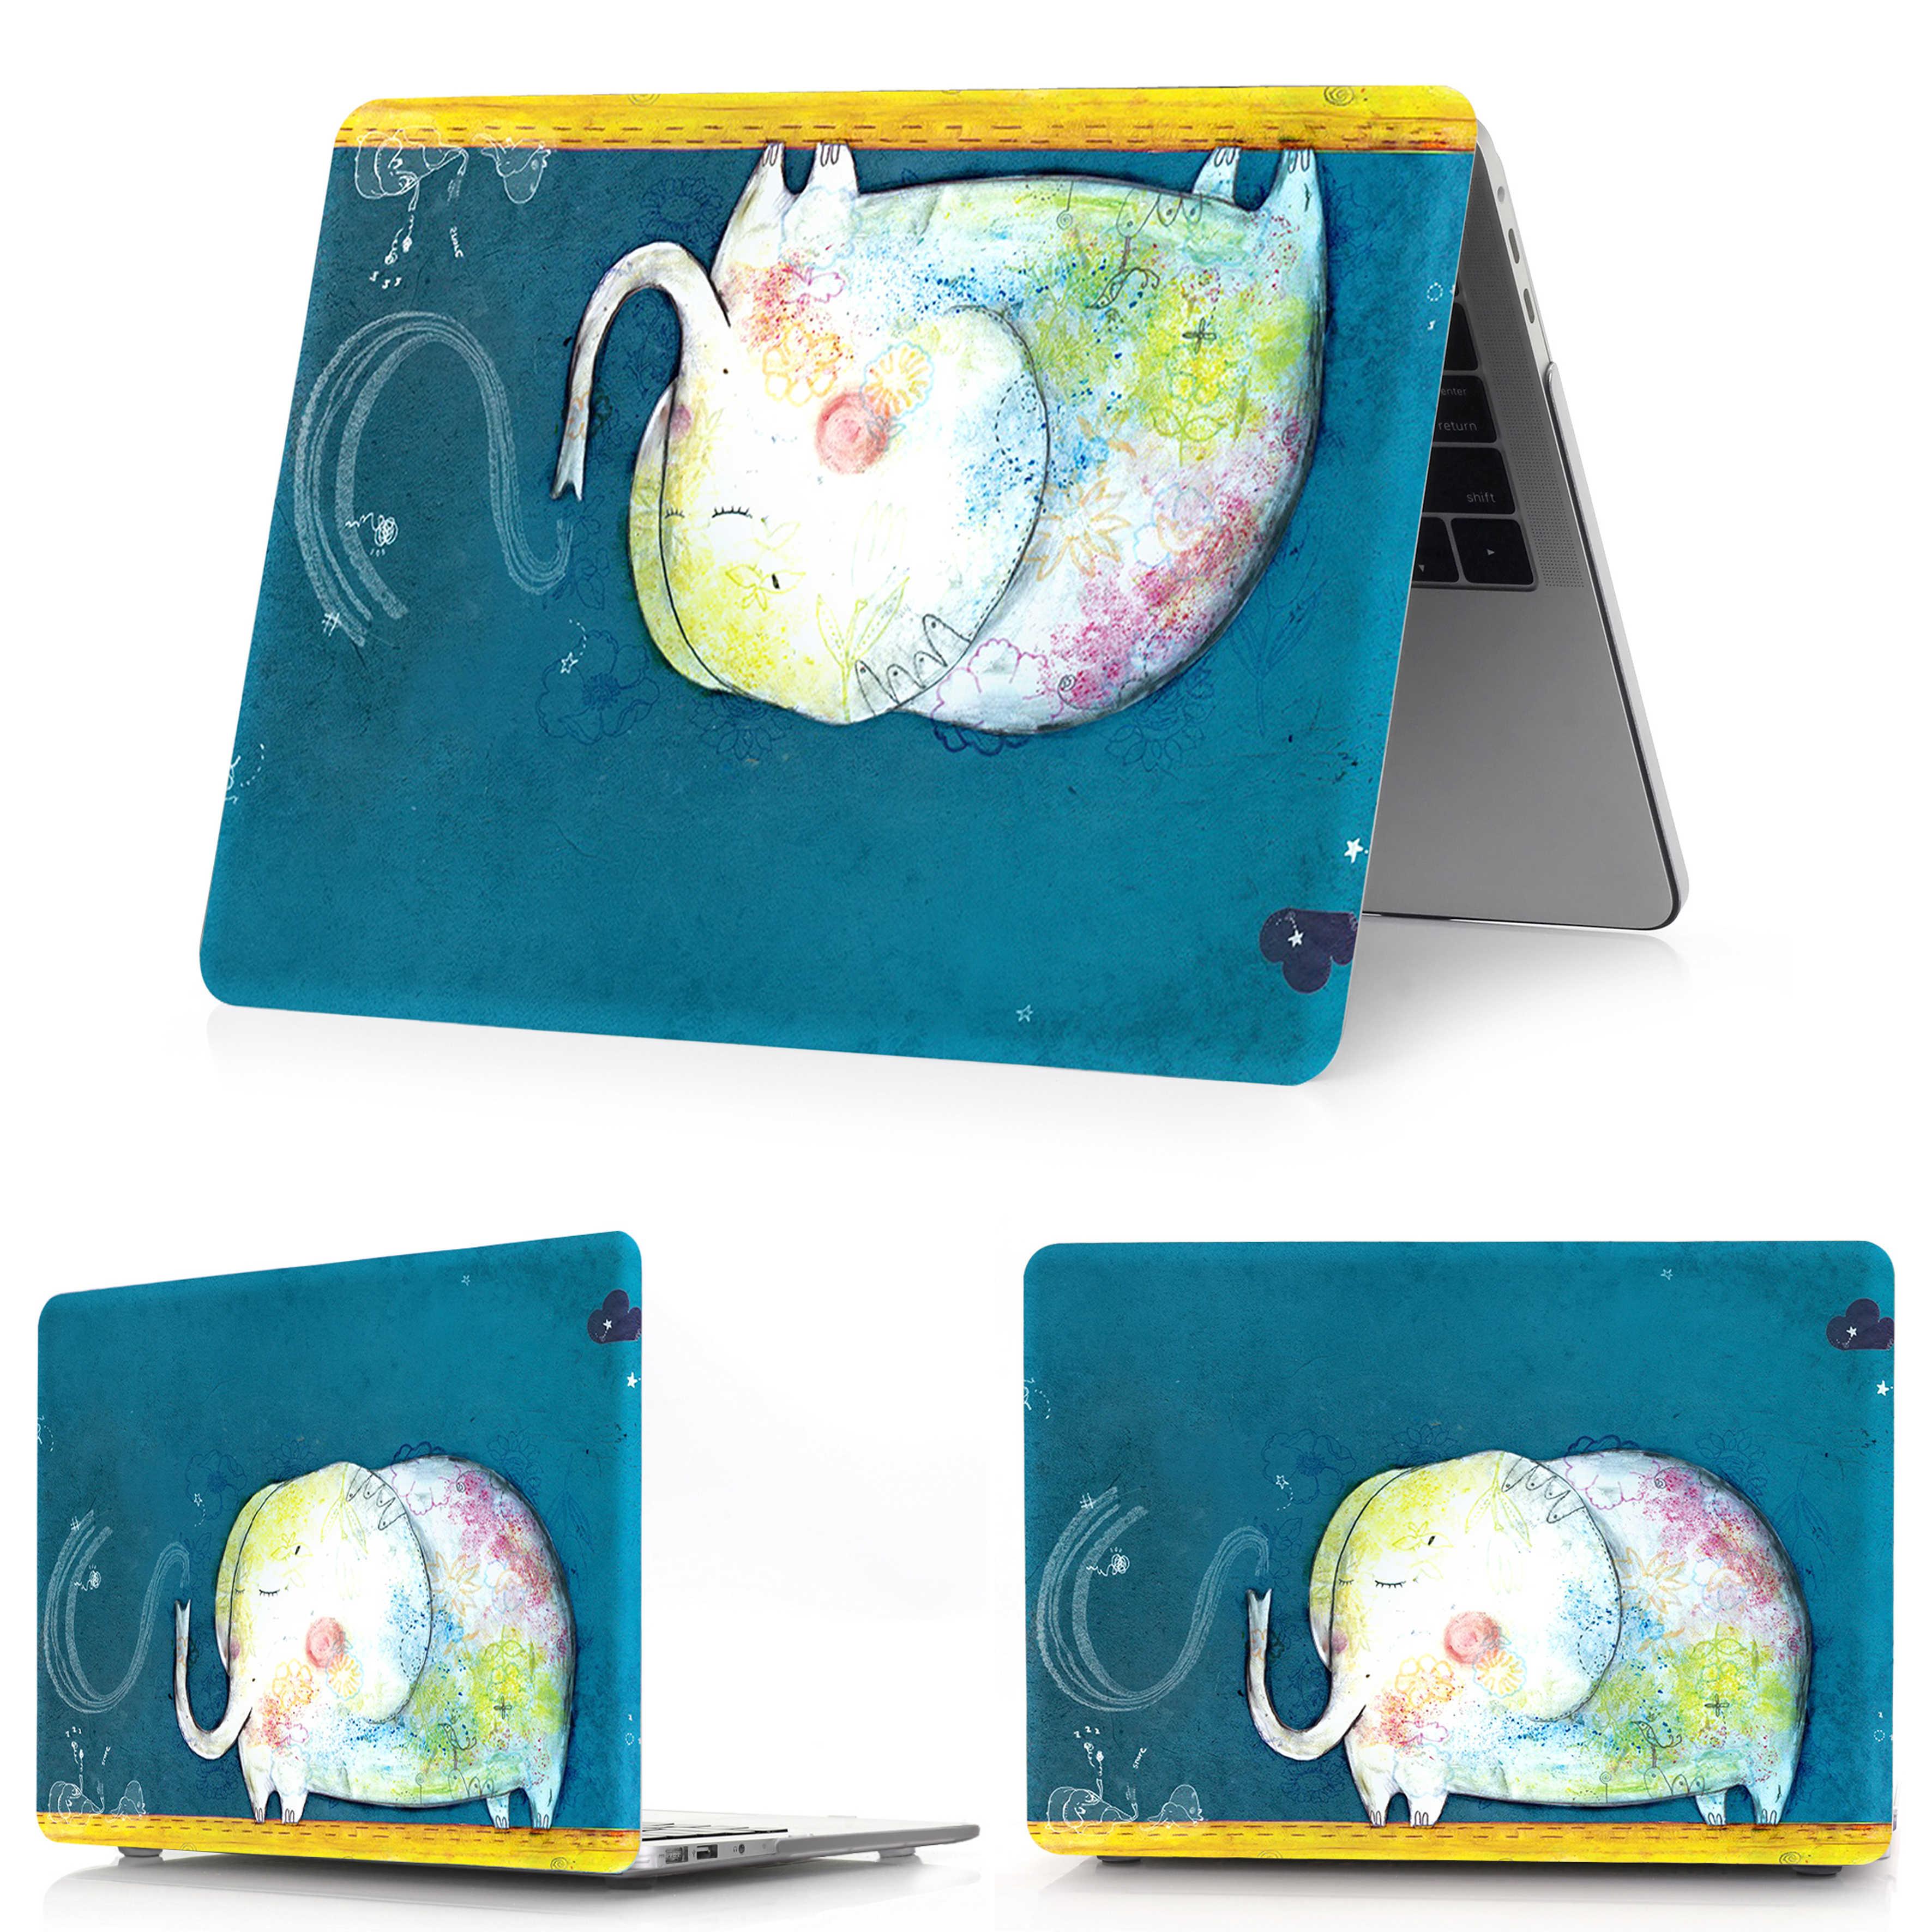 Hot pictures étui pour ordinateur portable pour Apple Mac Book Air Pro Retina 11 12 13 15, couverture pour Mac 2018 New Air 13 Pro 13 15 pouces tablette tactile ID